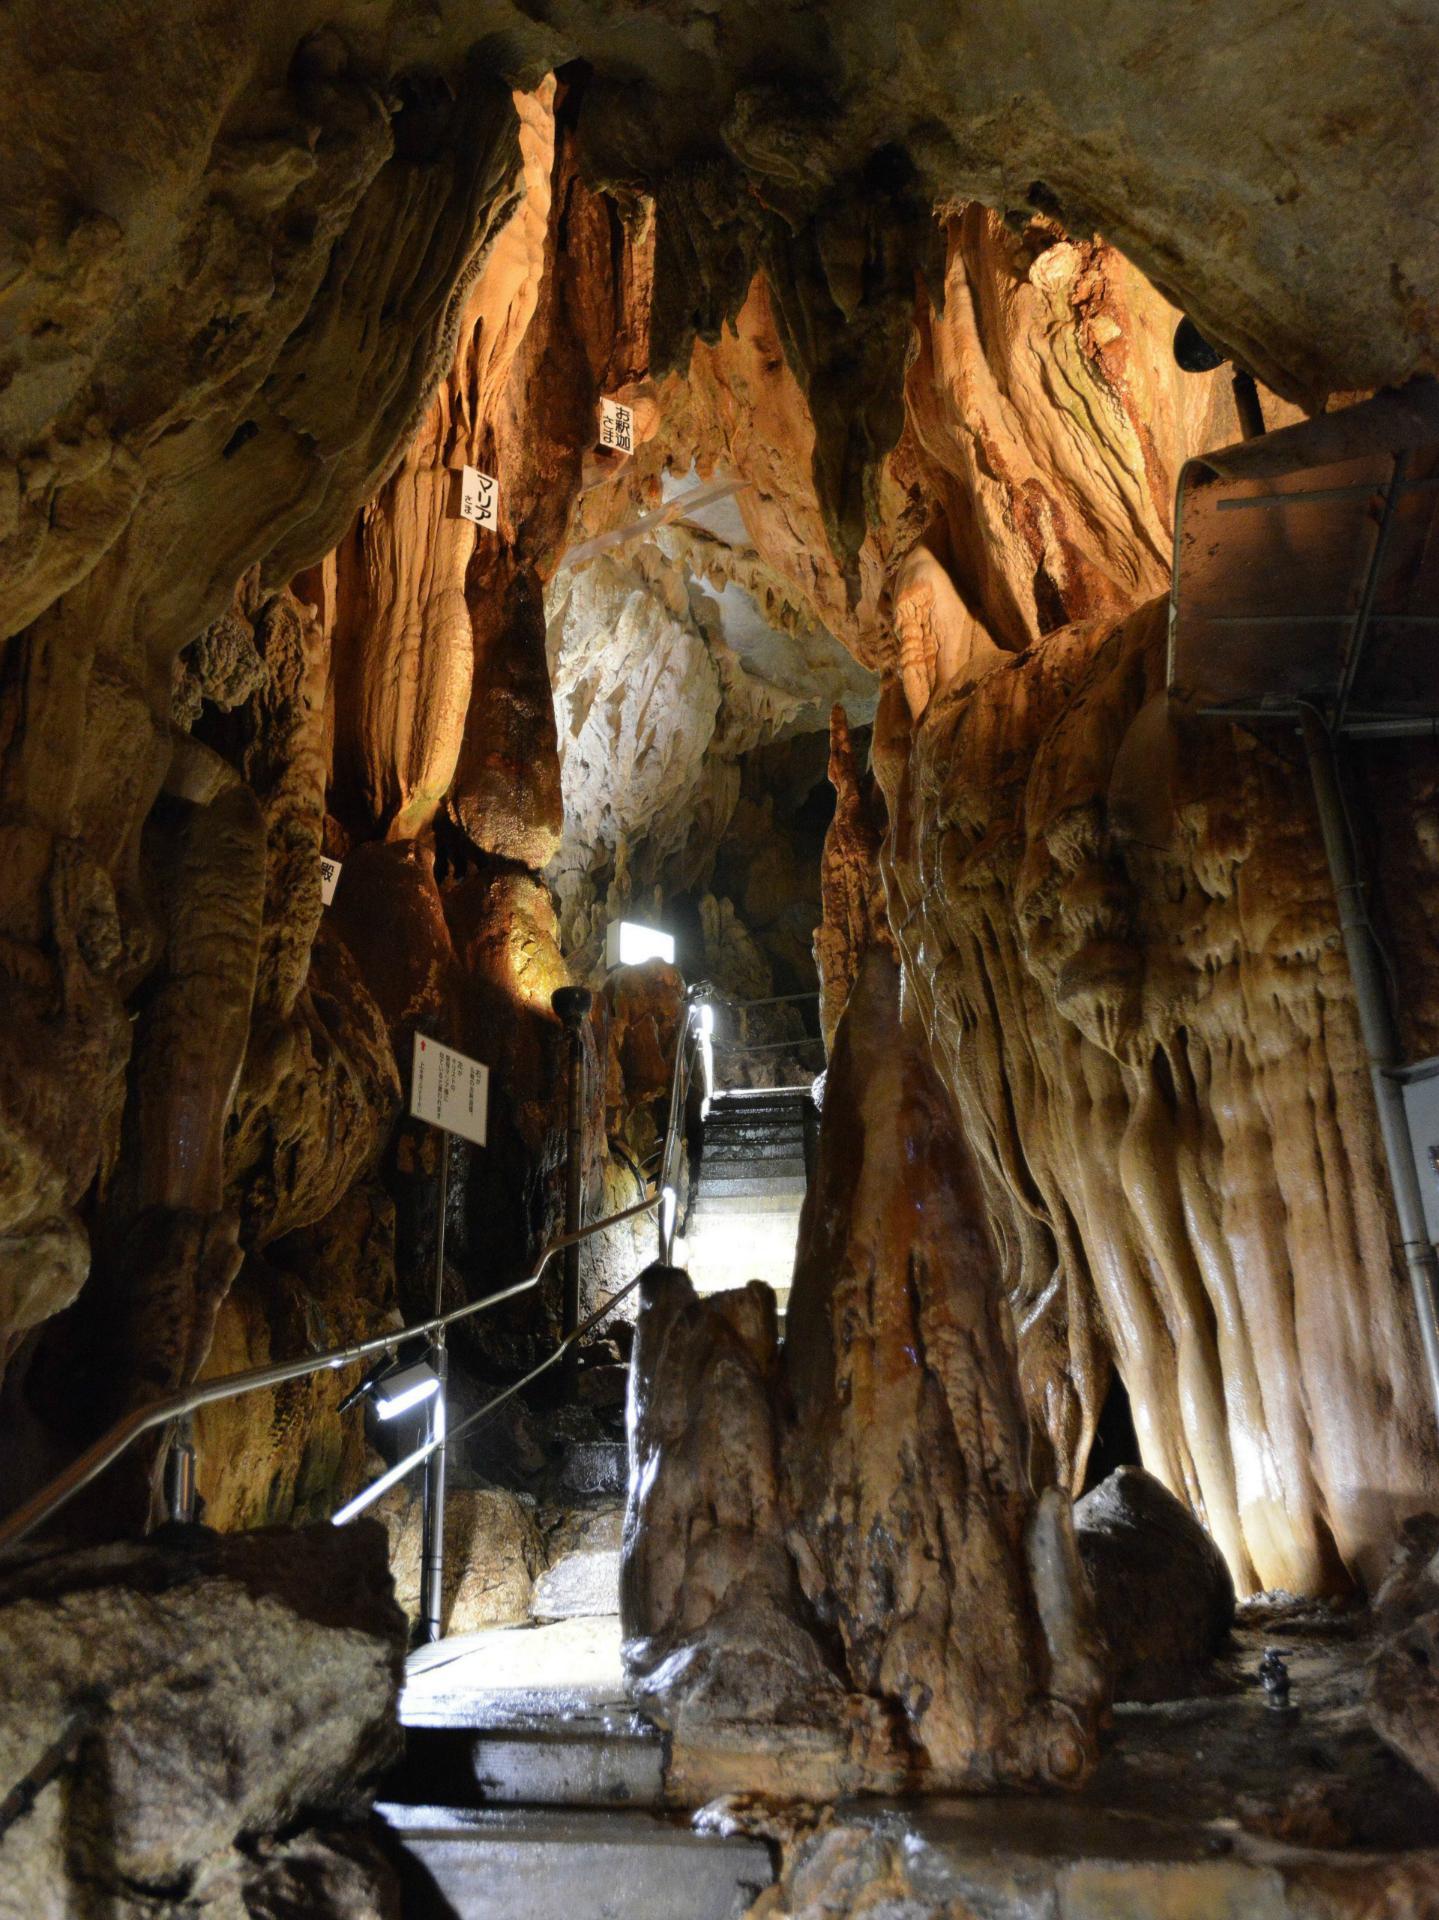 龍河洞は高知県の鍾乳洞!アクセス・所要時間など!冒険コースがおすすめ!